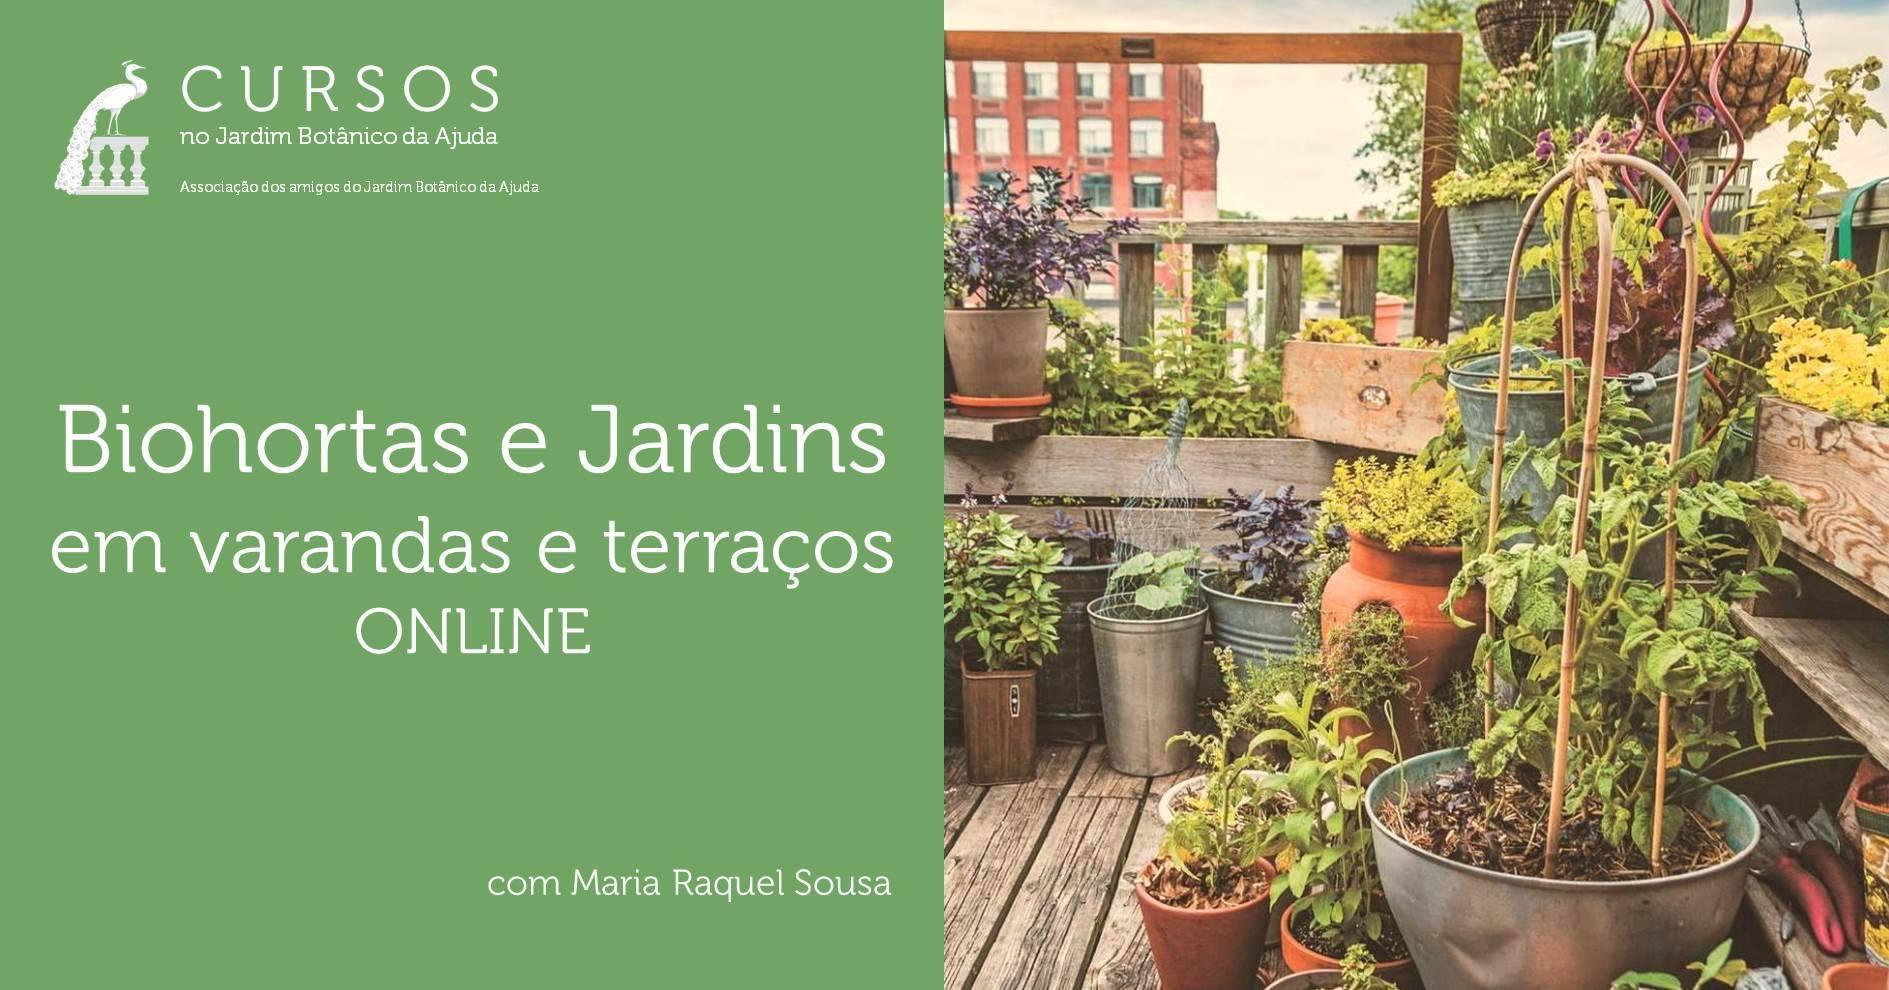 Biohortas e Jardins em varandas e terraços   ONLINE